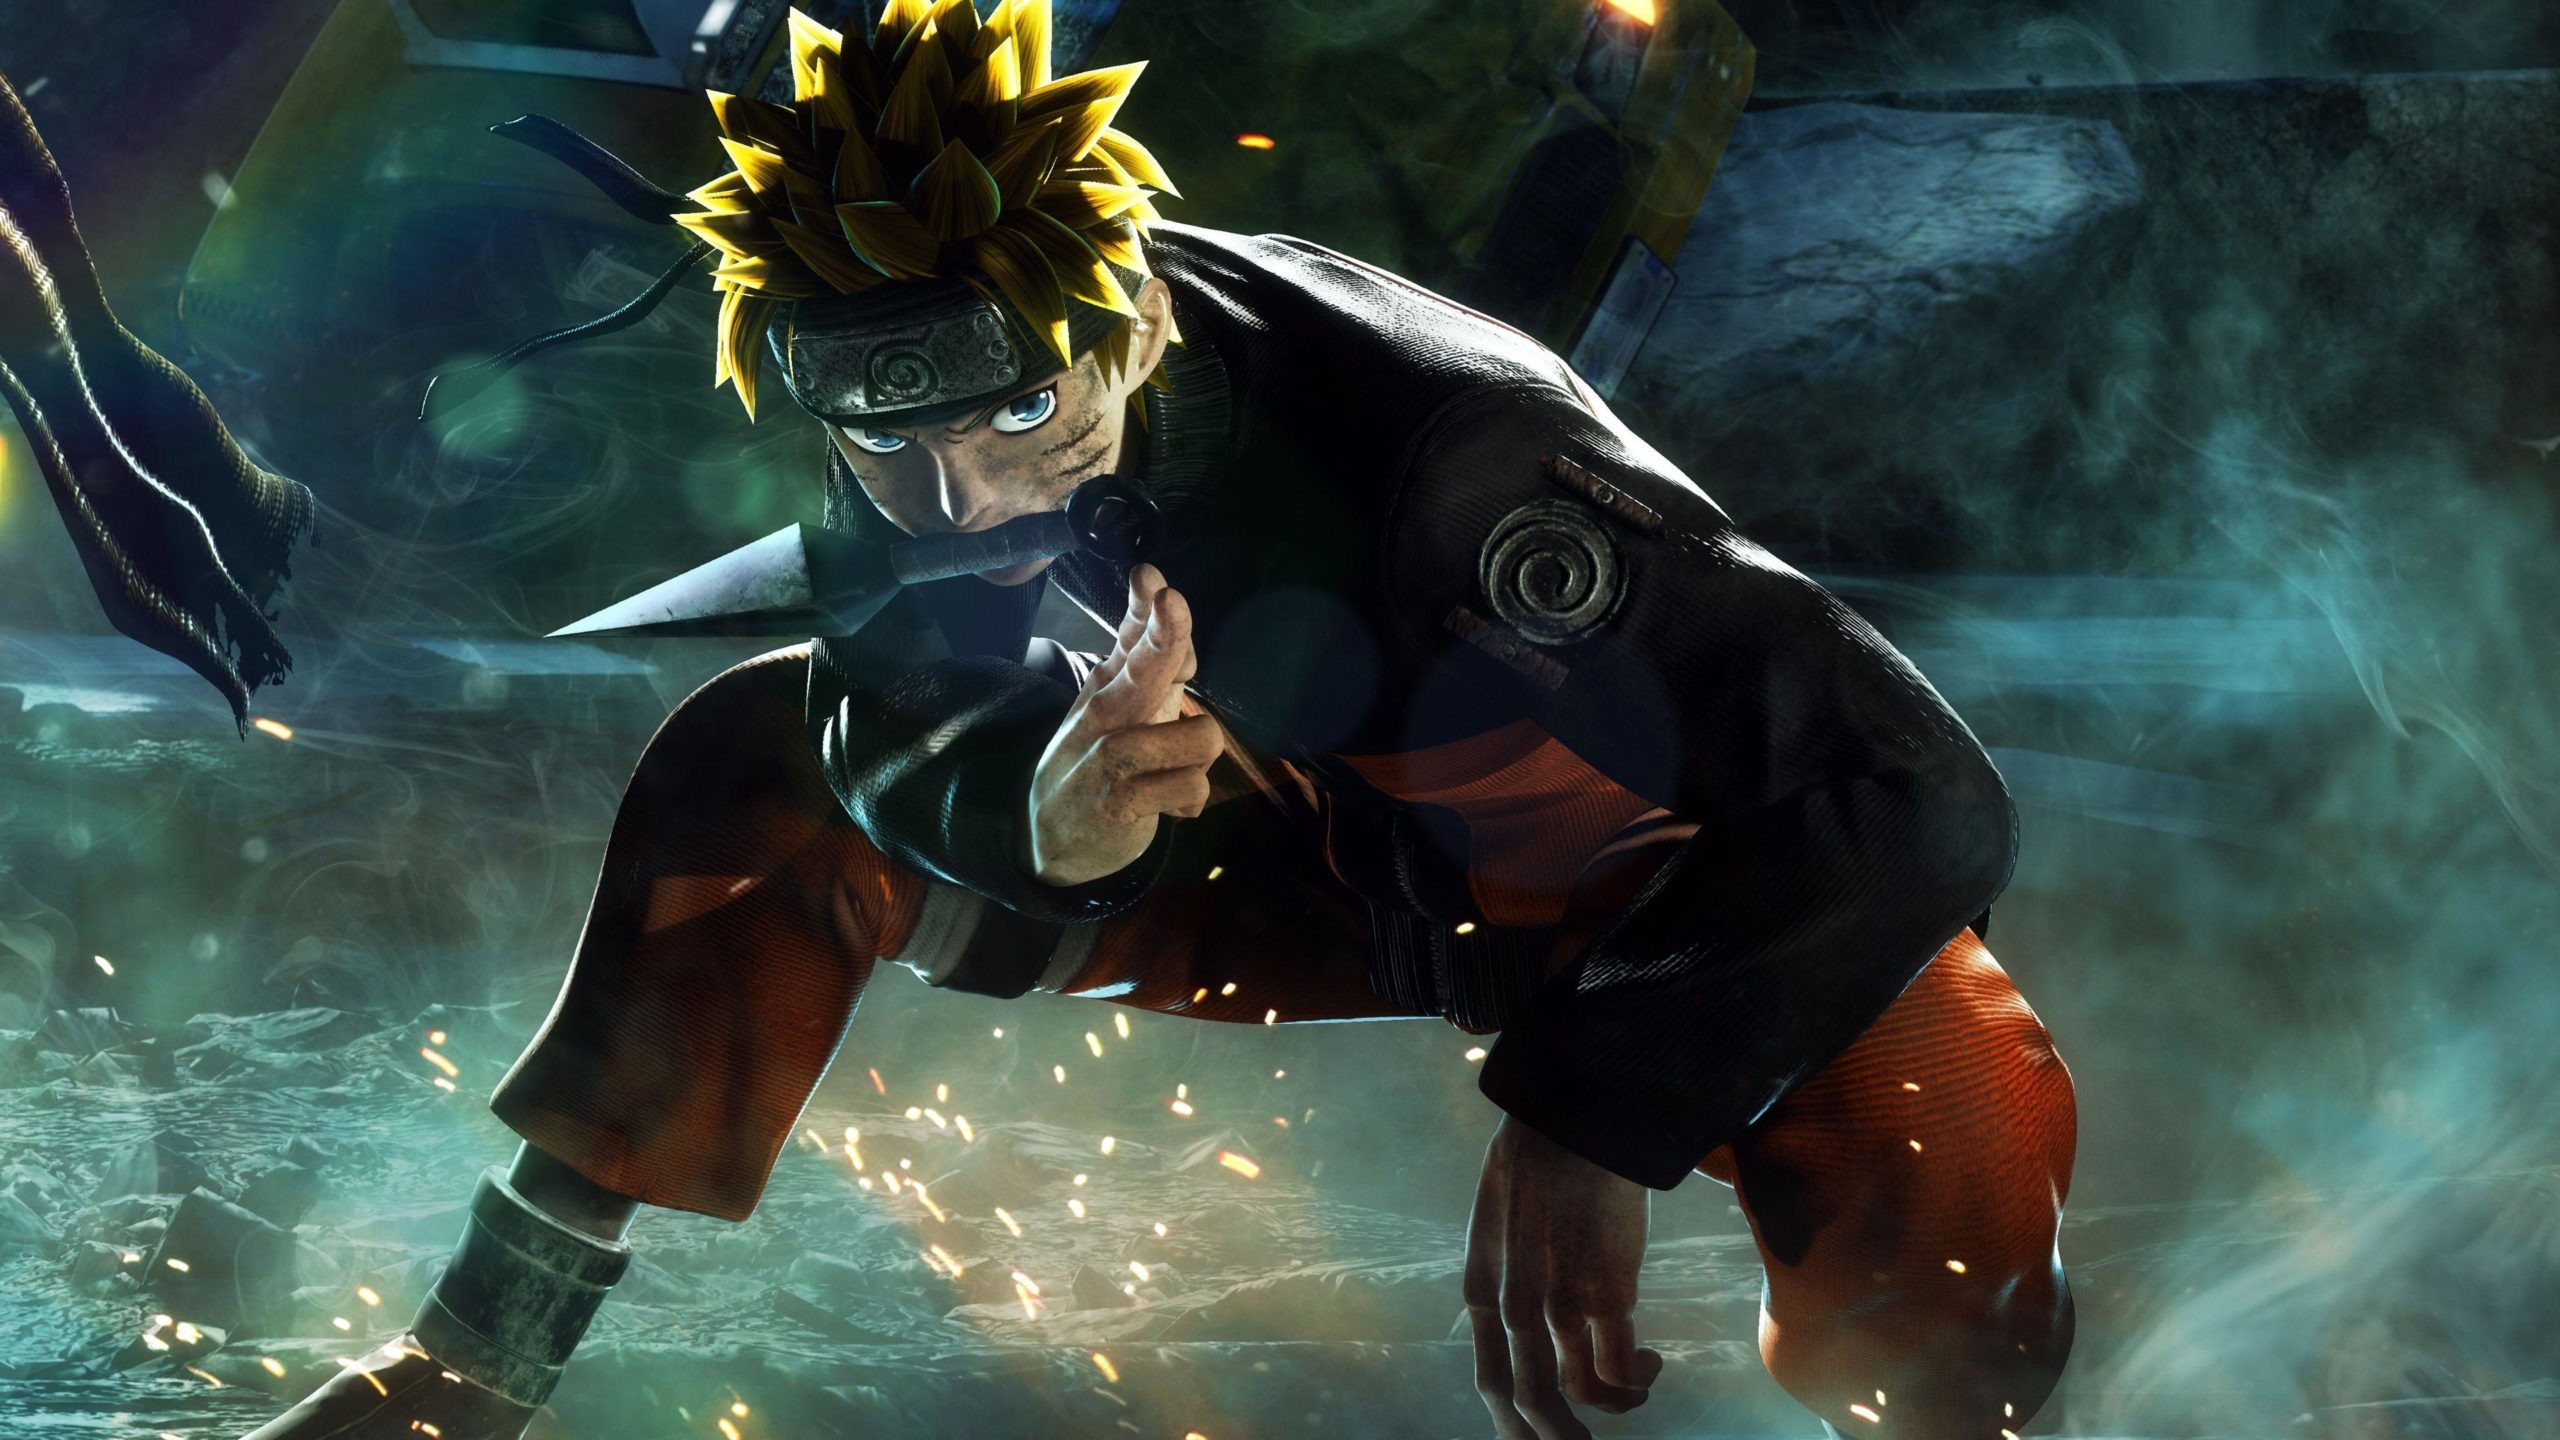 Naruto 4K fondo de pantalla